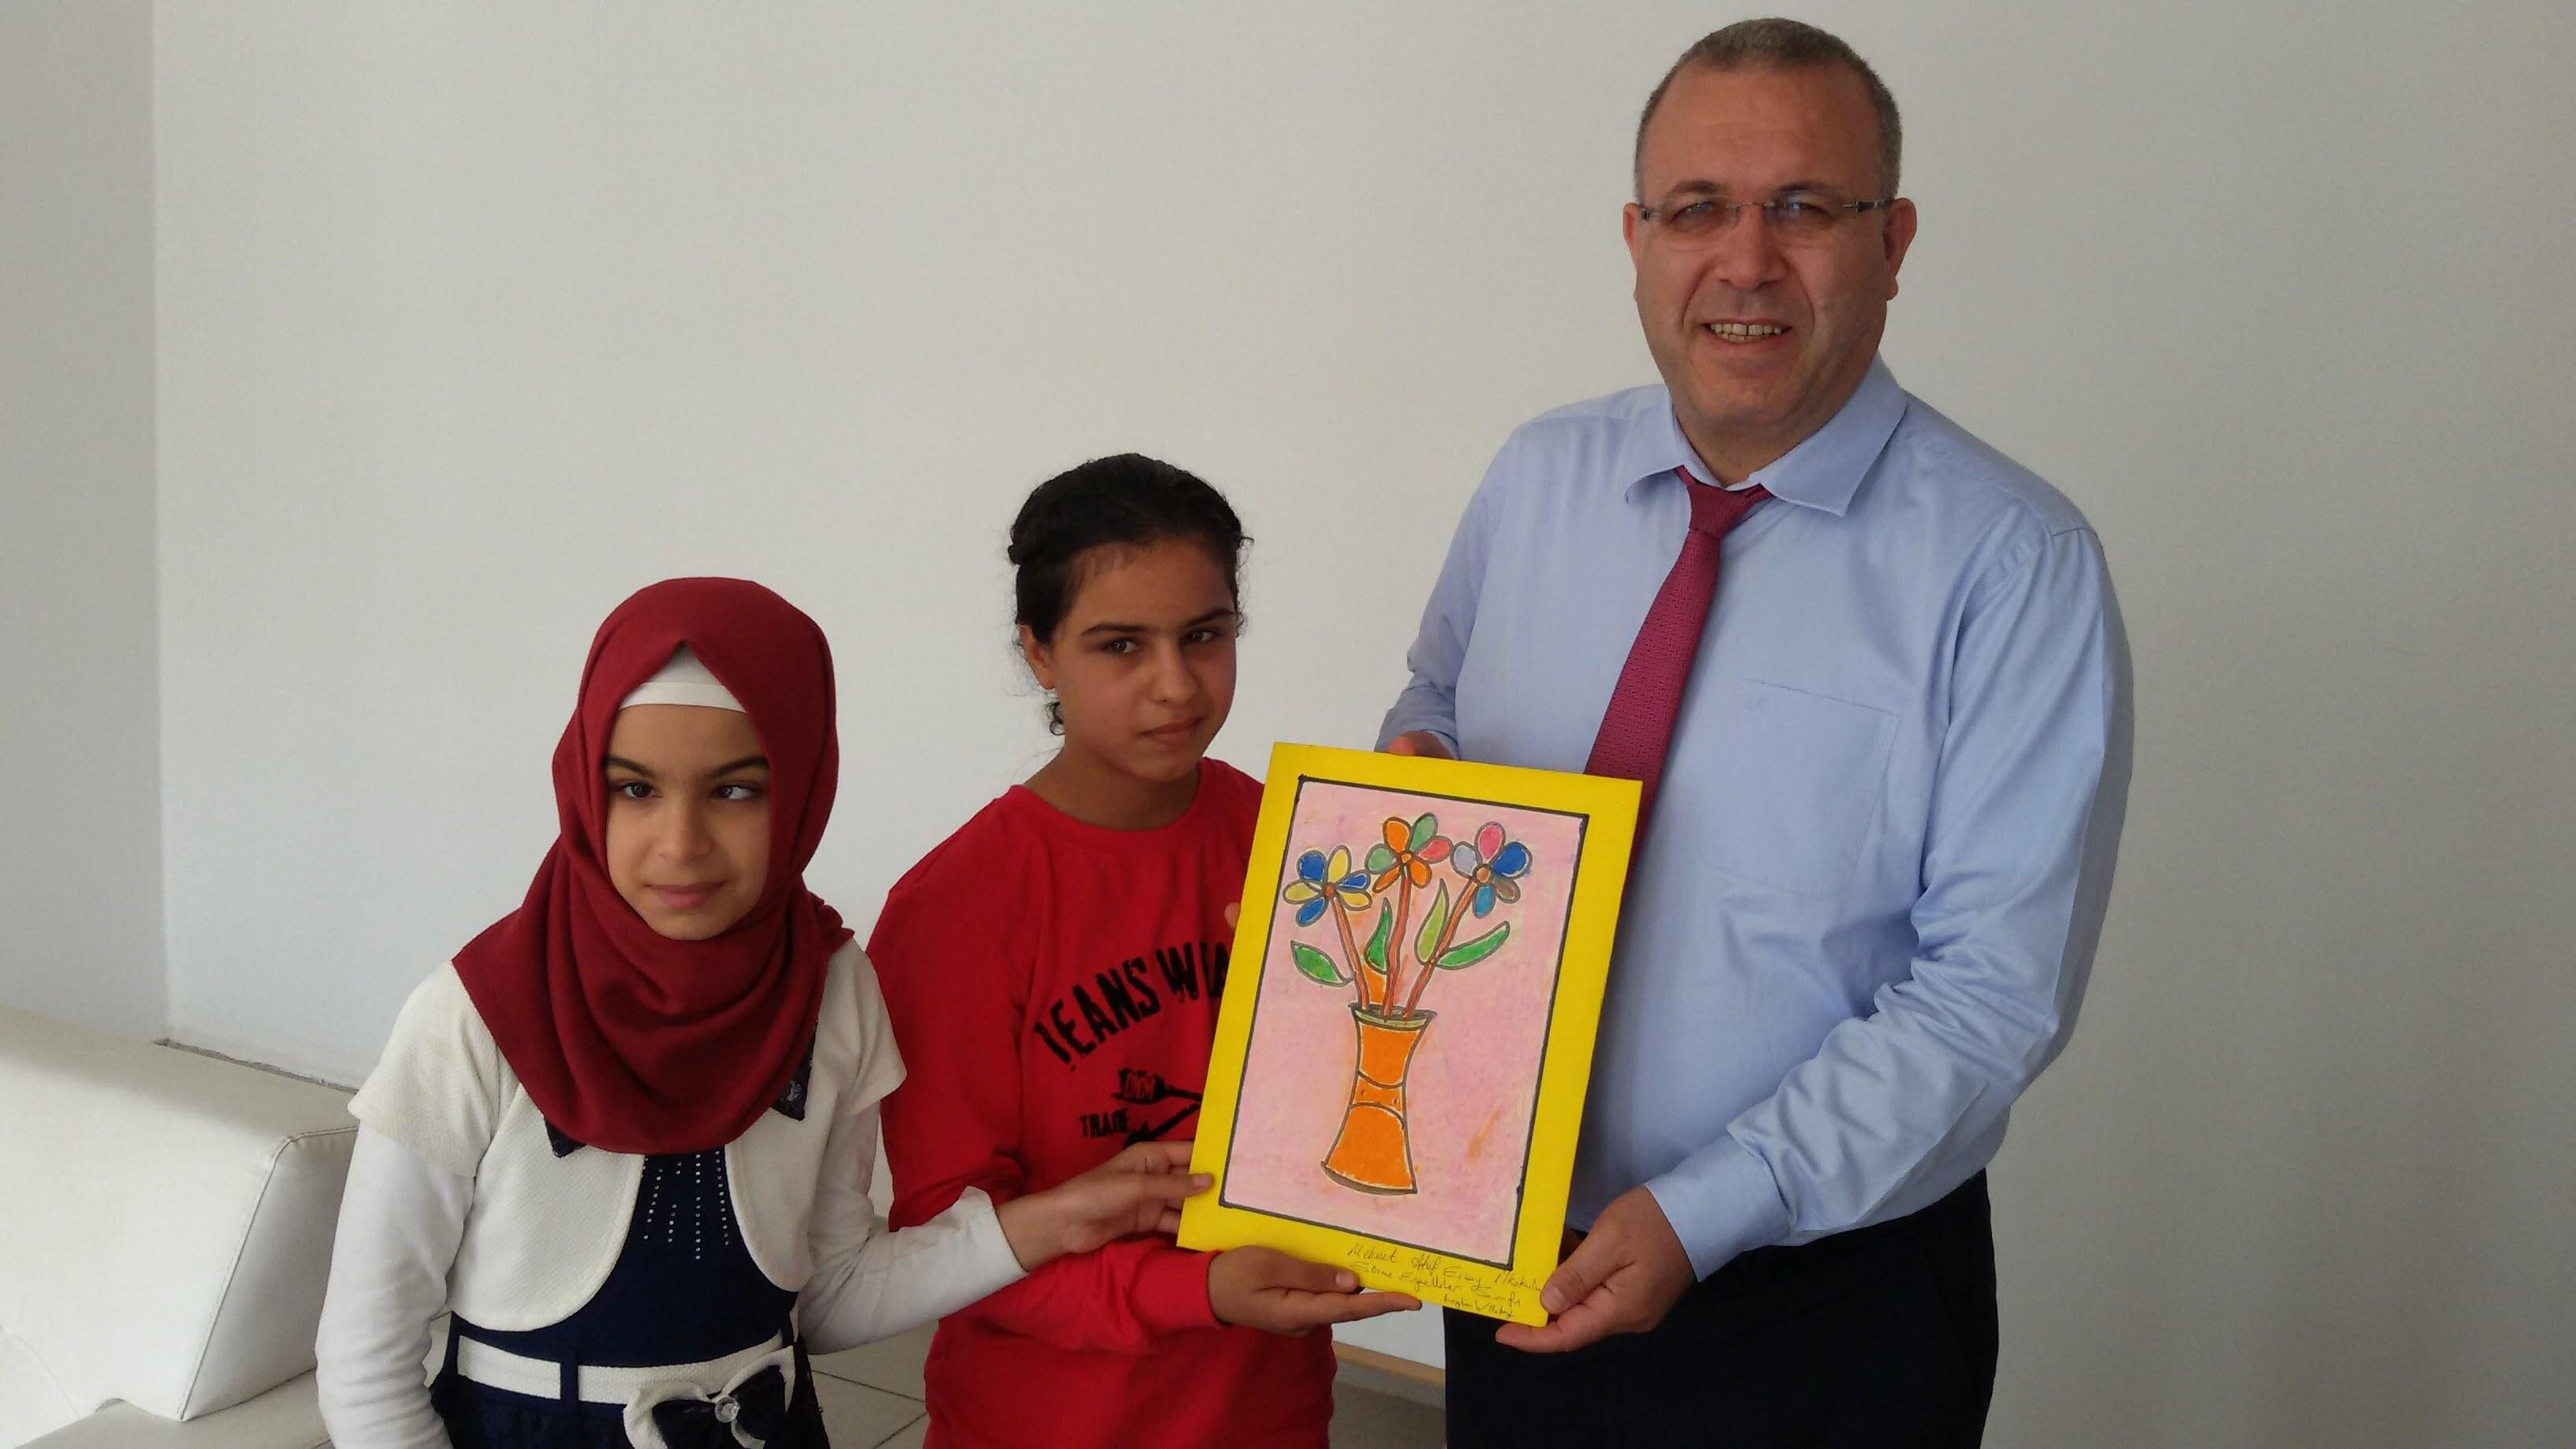 Görme engelli öğrenciler Kaymakam Dursun'a resim hediye etti